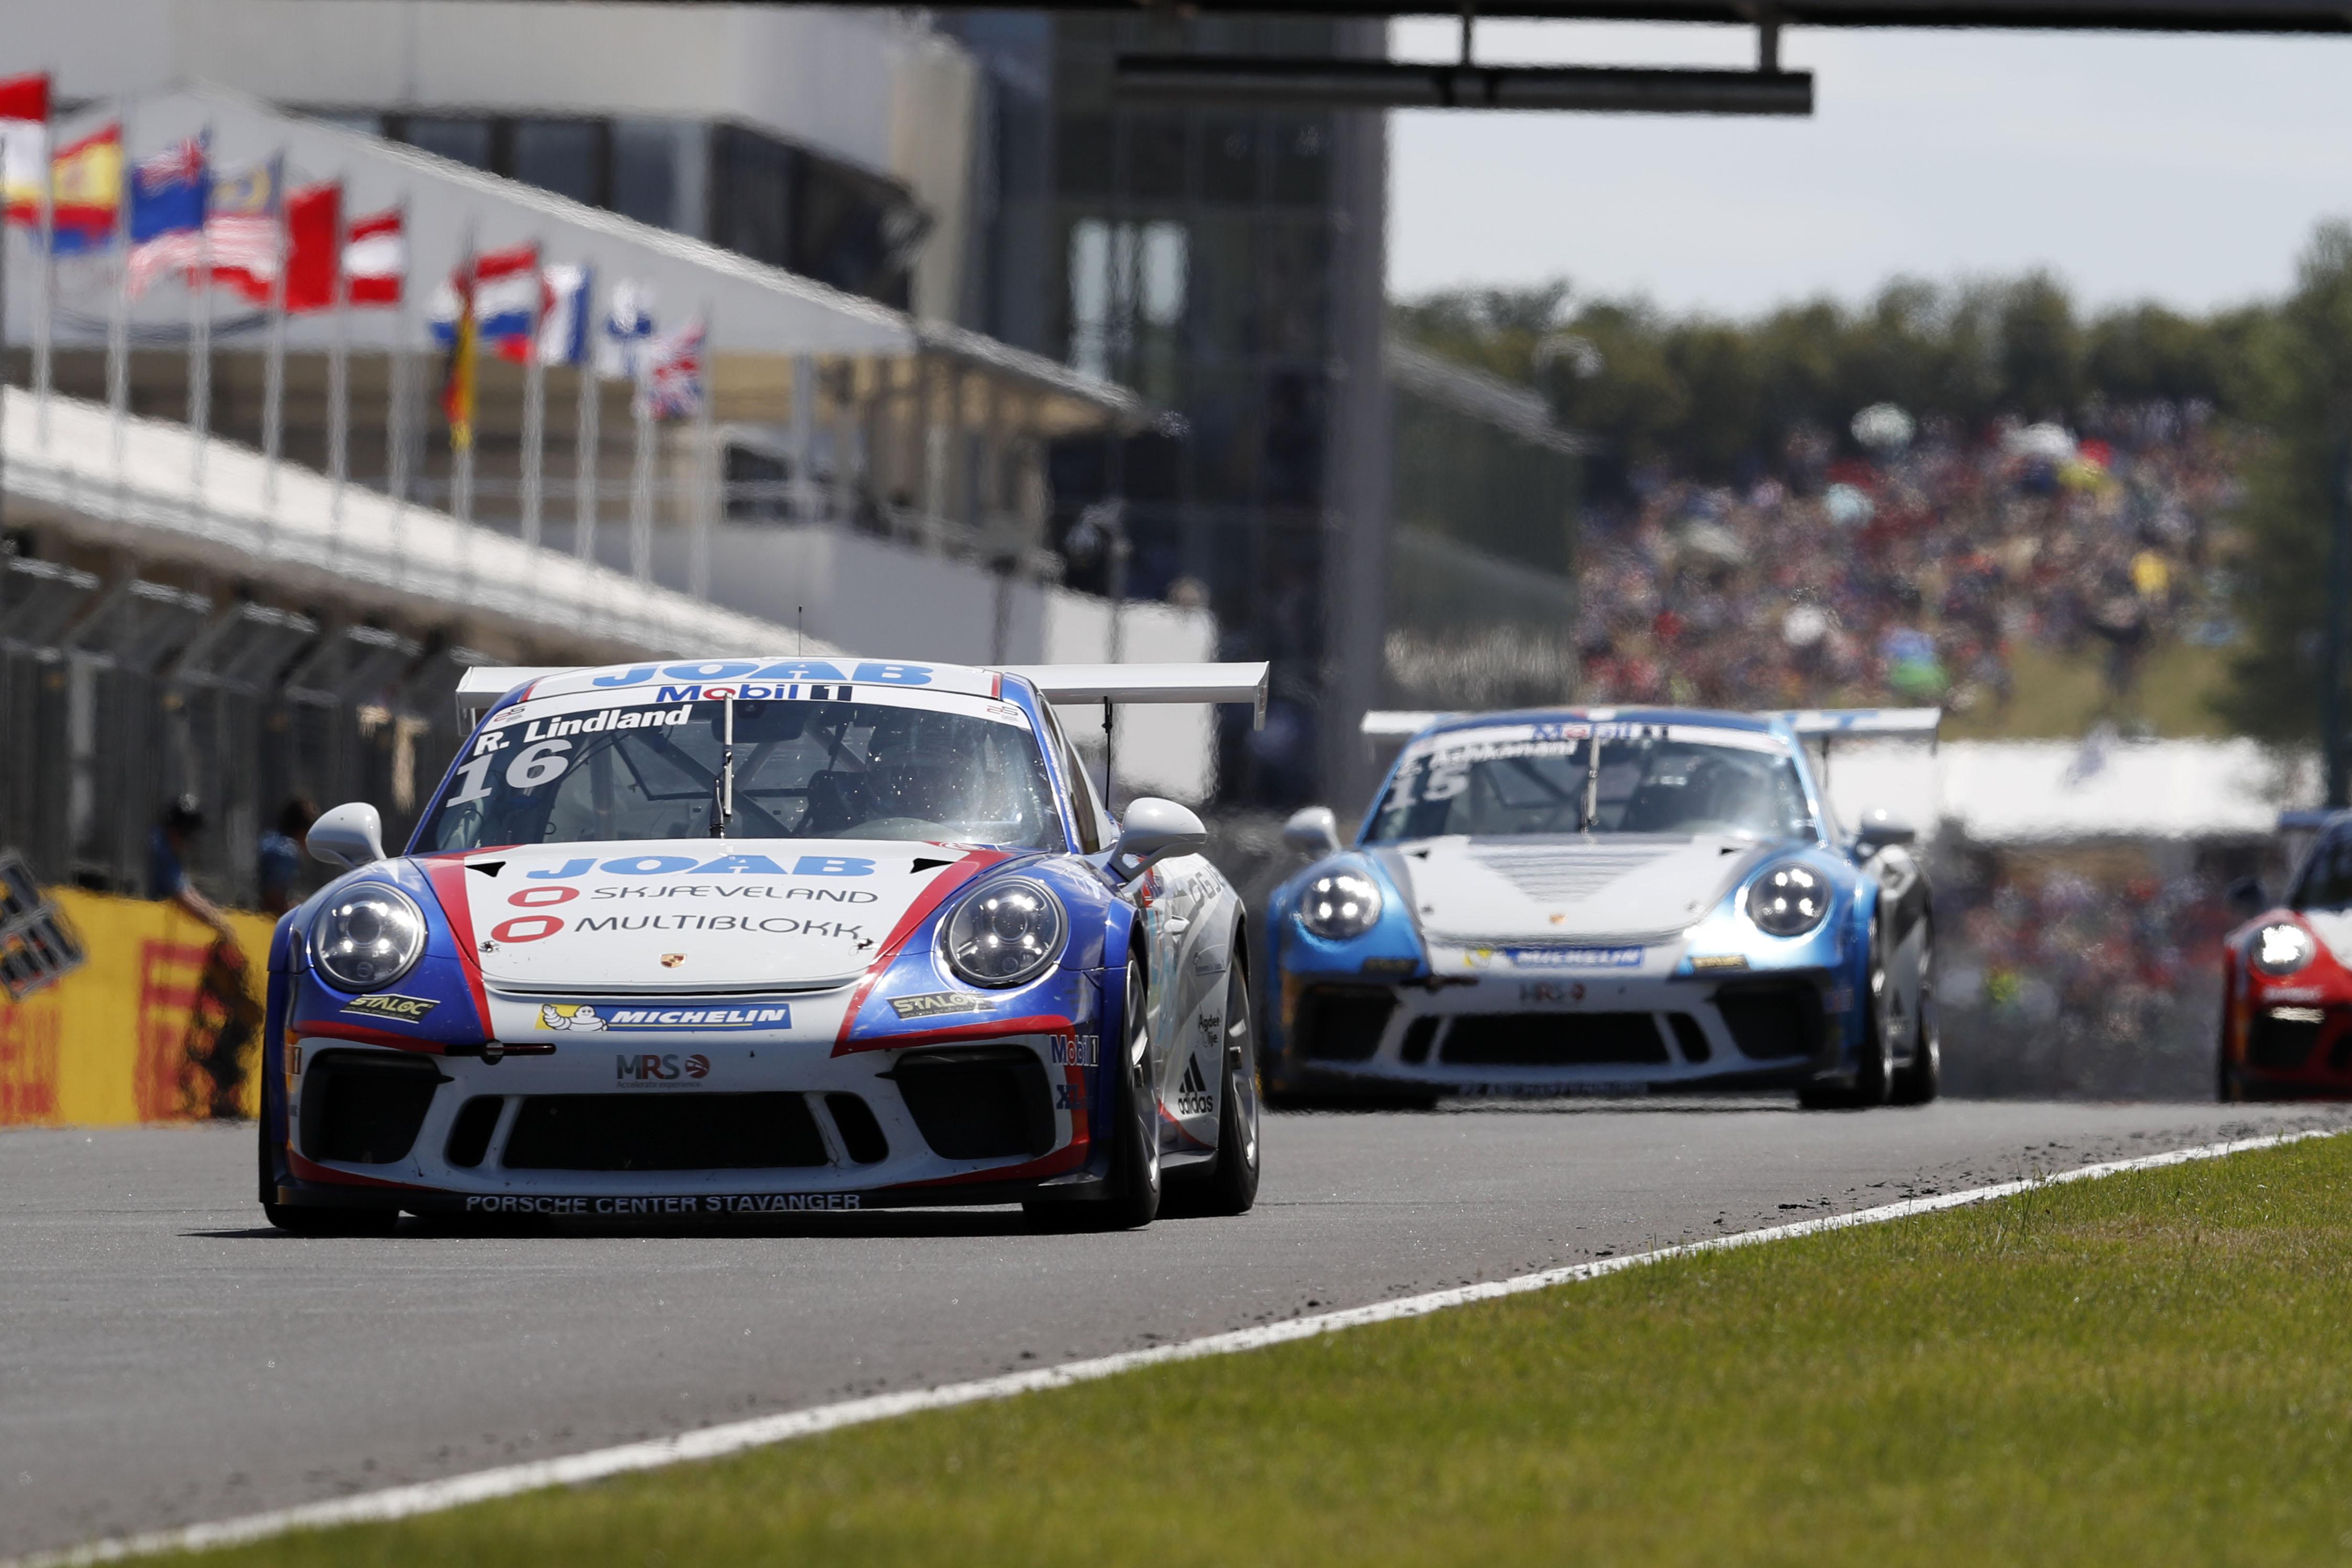 Roar Lindland Tok En Overlegen Seier I Kategori B Da Porsche Supercup Gjestet Hungaroring Utenfor Budapest. Pressefoto.